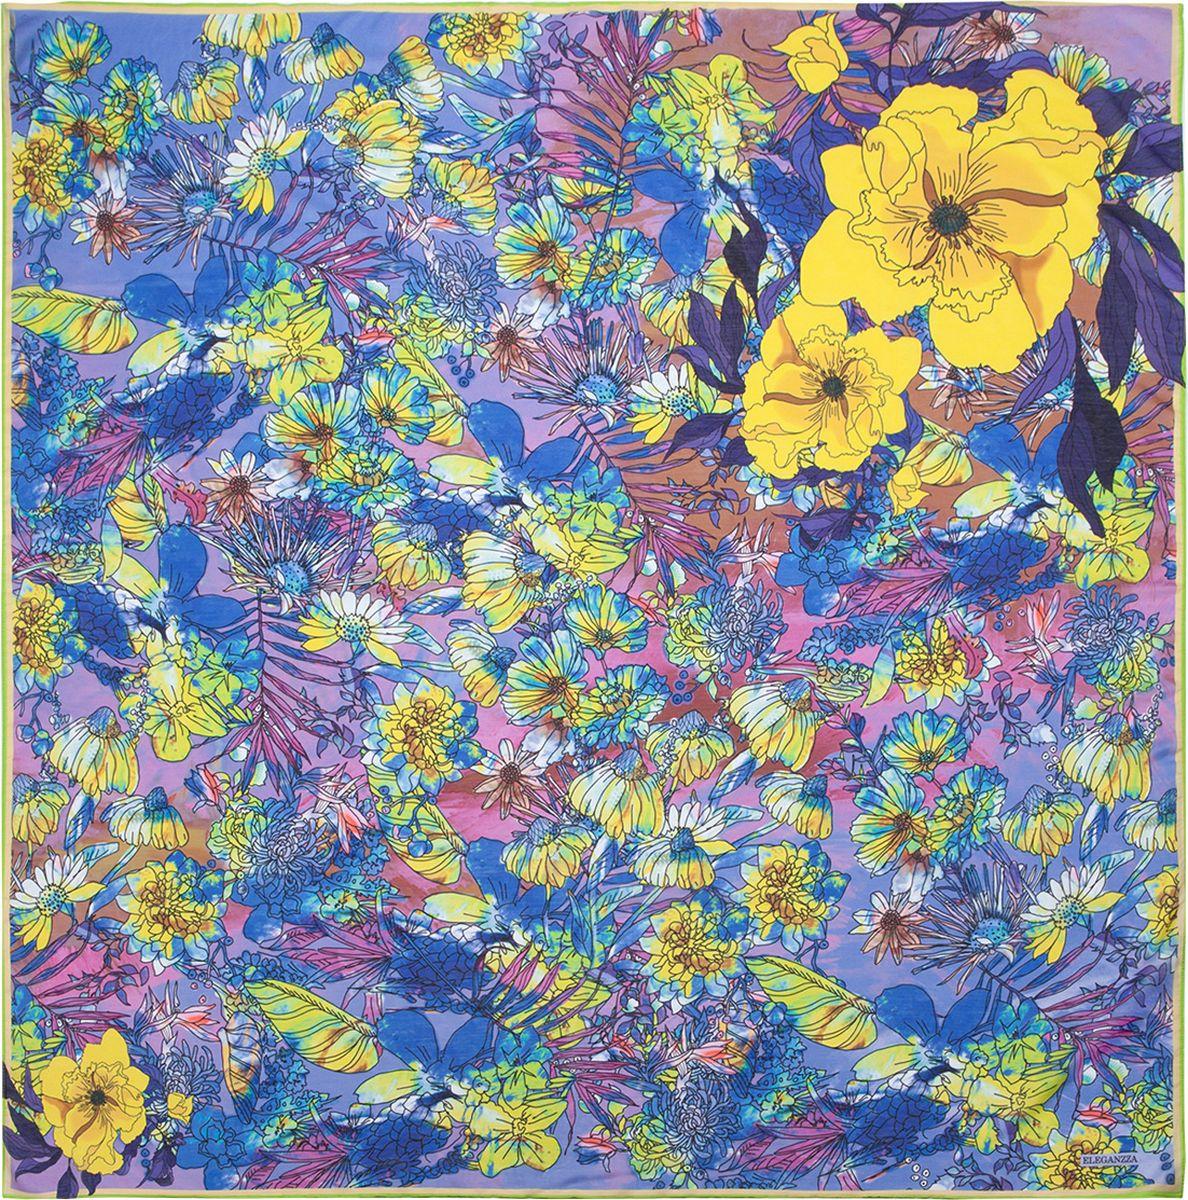 Платок женский Eleganzza, цвет: синий. R22-5039. Размер 120 см х 120 смR22-5039Платок Eleganzza, выполненный из шелка с добавлением хлопка, внесет яркий акцент в ваш образ. Модель оформлена цветочным принтом.Классическая квадратная форма позволяет носить платок на шее, украшать им прическу или декорировать сумочку.